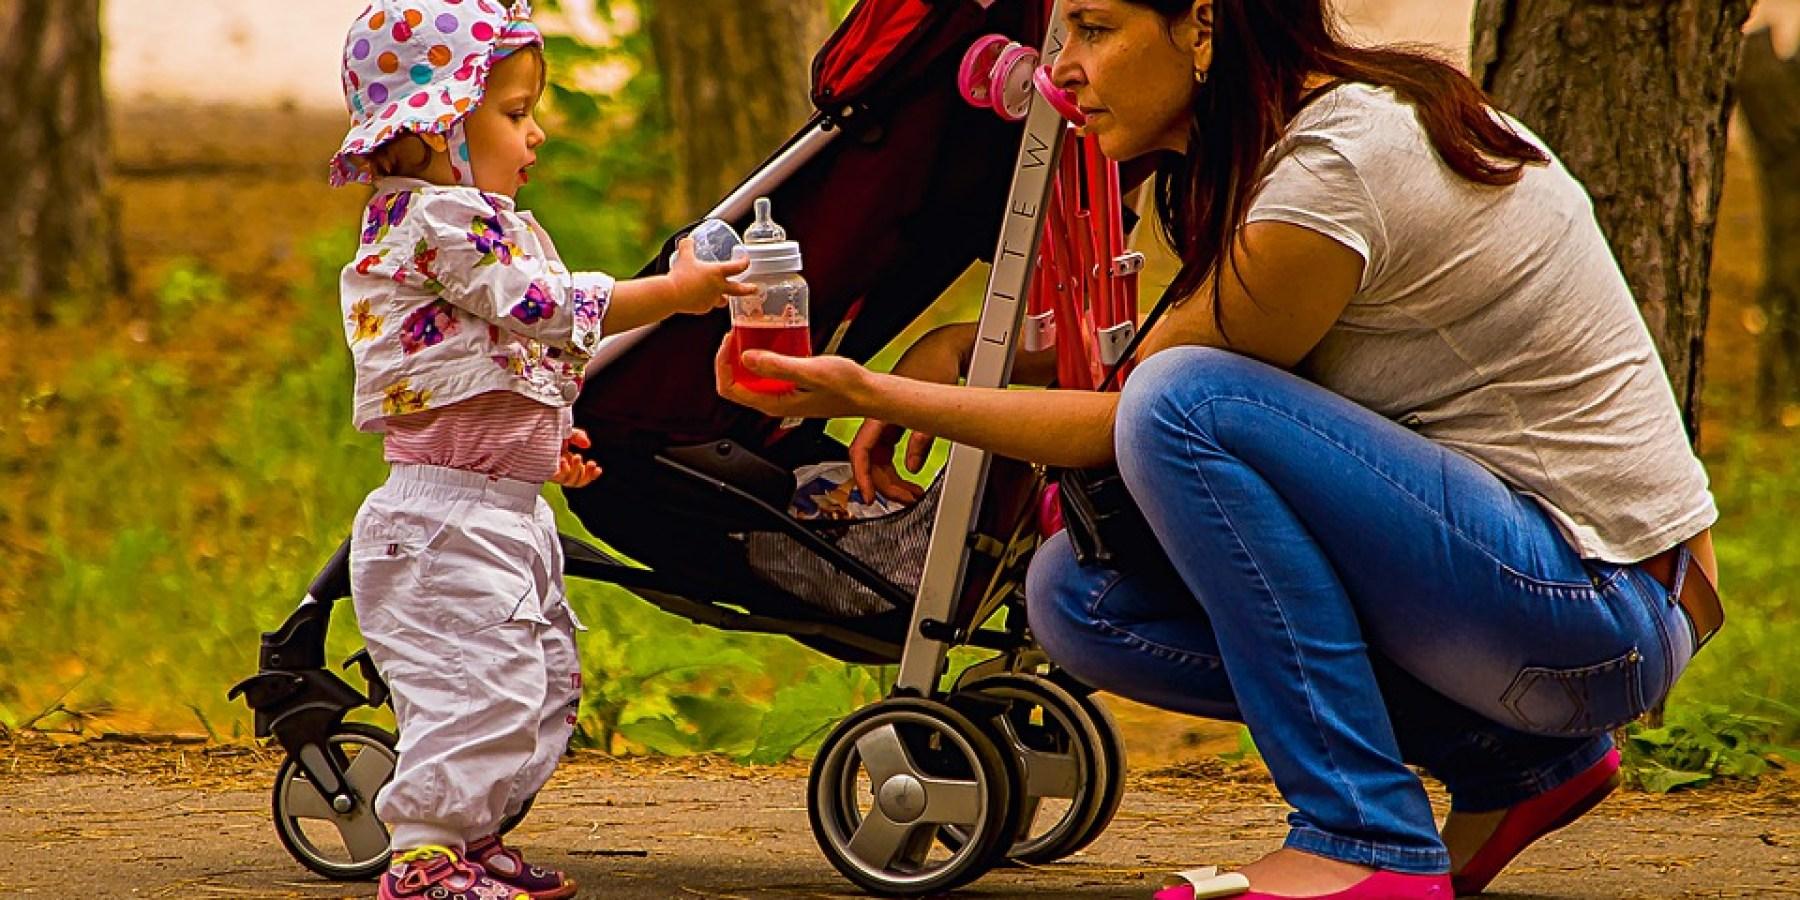 Handtasche aus unbeaufsichtigtem Kinderwagen gestohlen